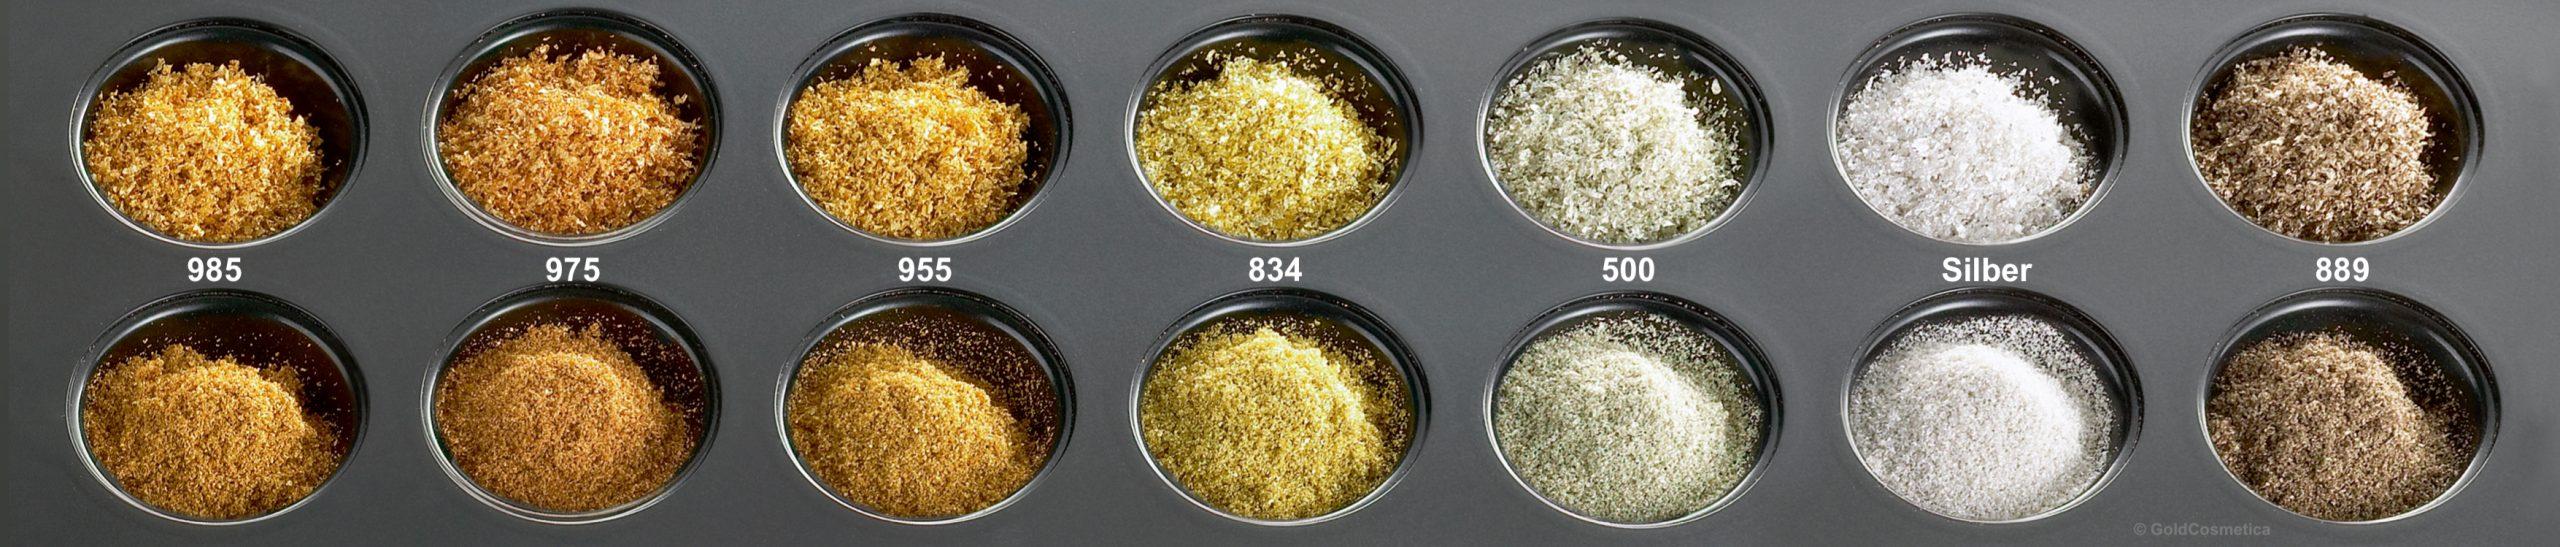 Kosmetische Rohstoffe Gold Silber Platin Farben